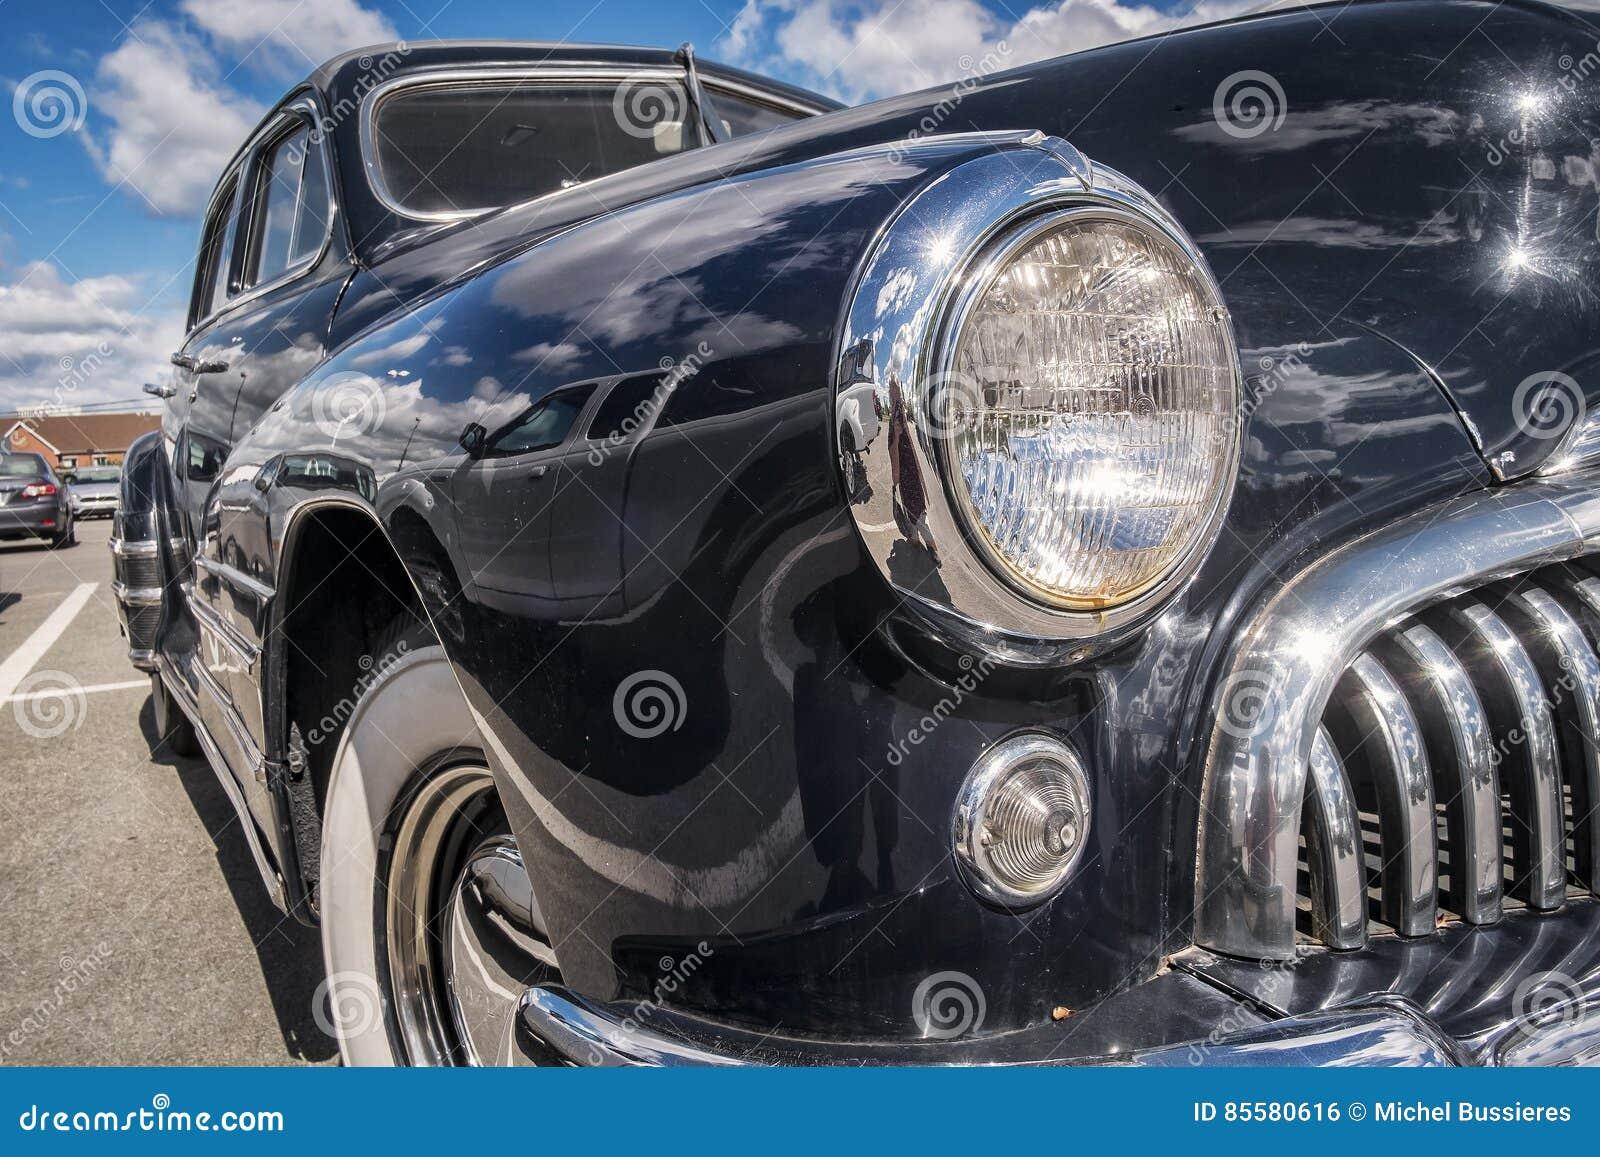 Classic Car Mechanic Atlanta